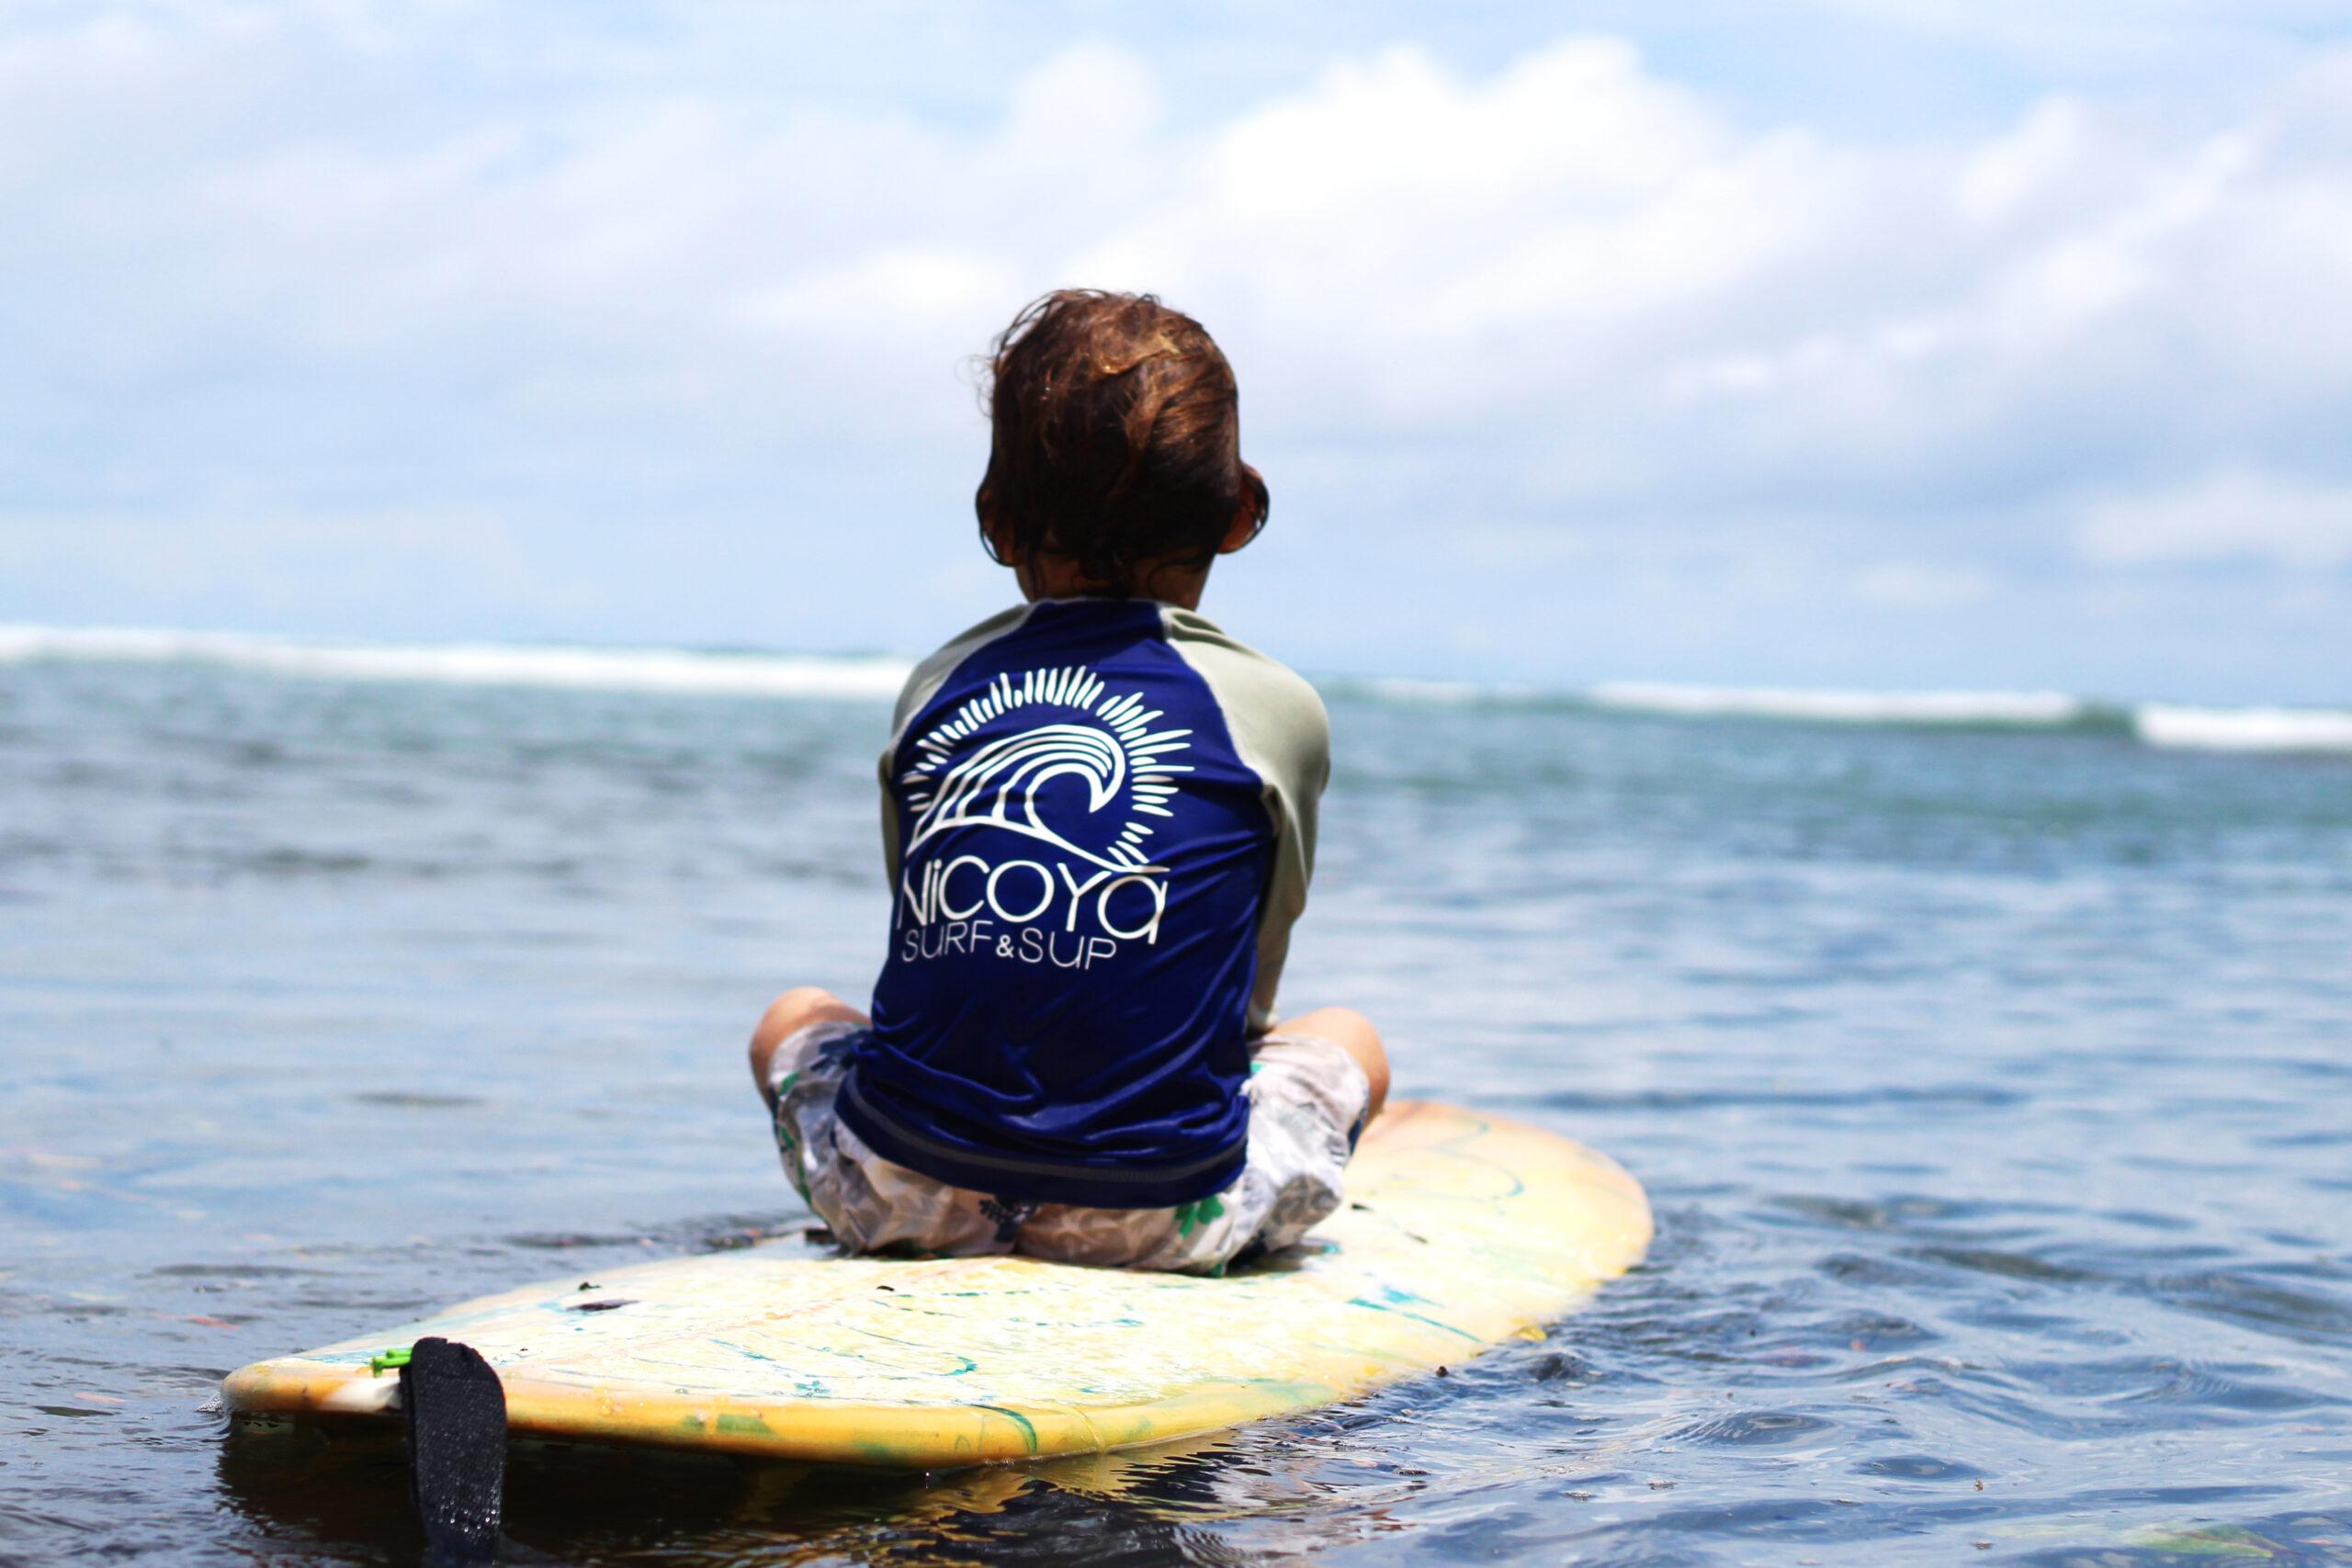 clases de surf para niños en una playa segura y perfecta para que los niños aprendan a surfear